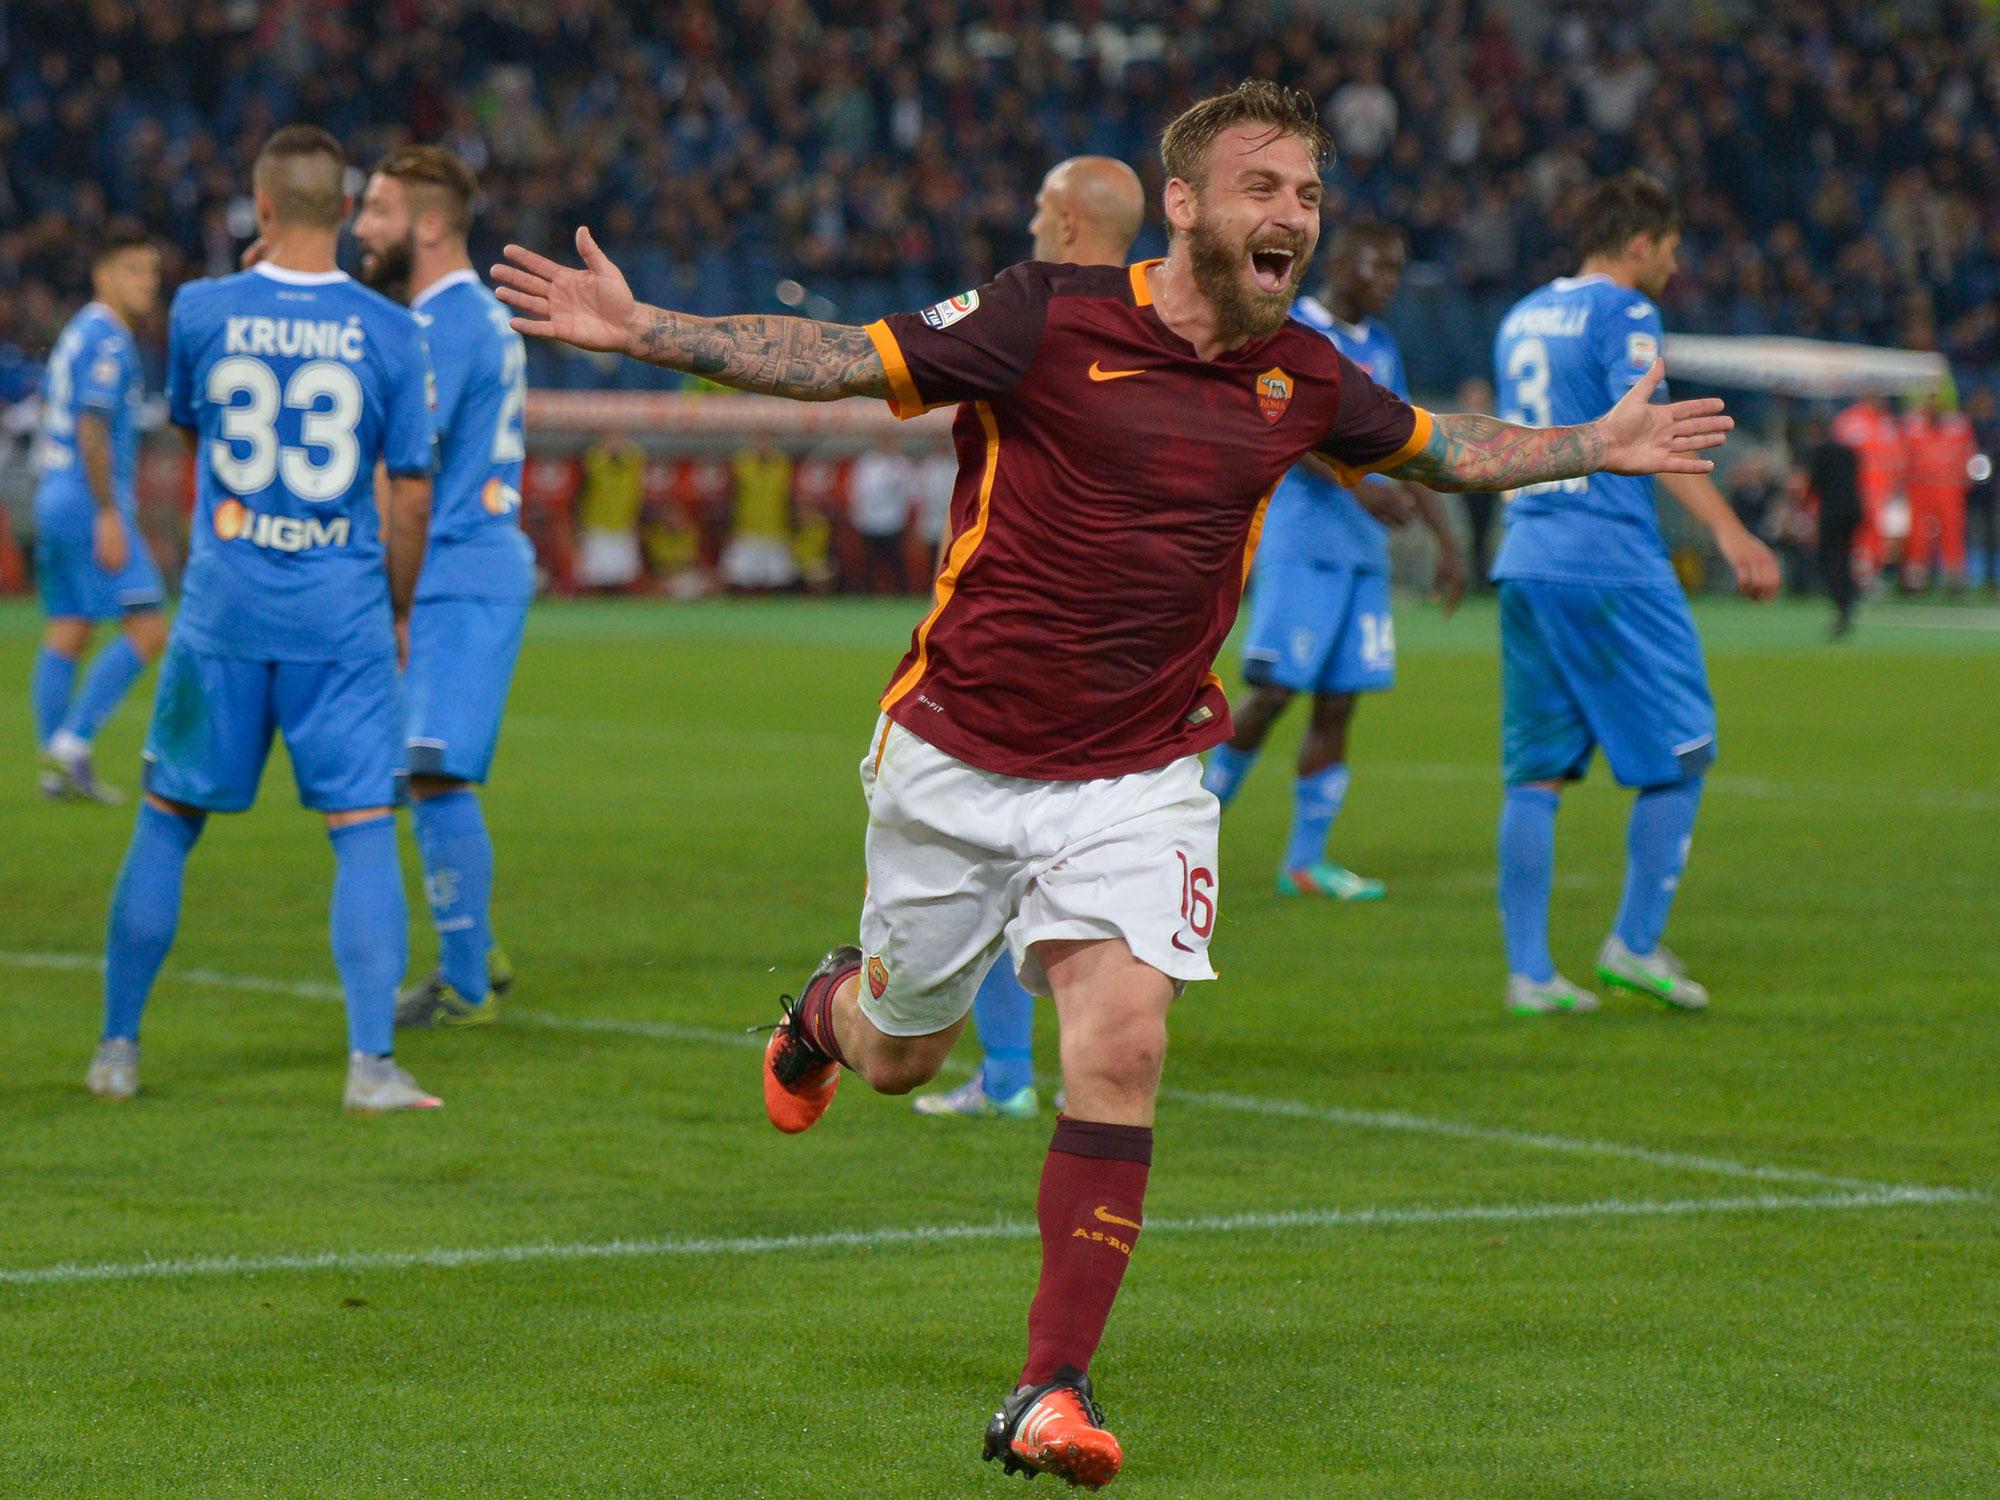 Κάταγμα στο πόδι ο Ντε Ρόσι | Sportsking.gr